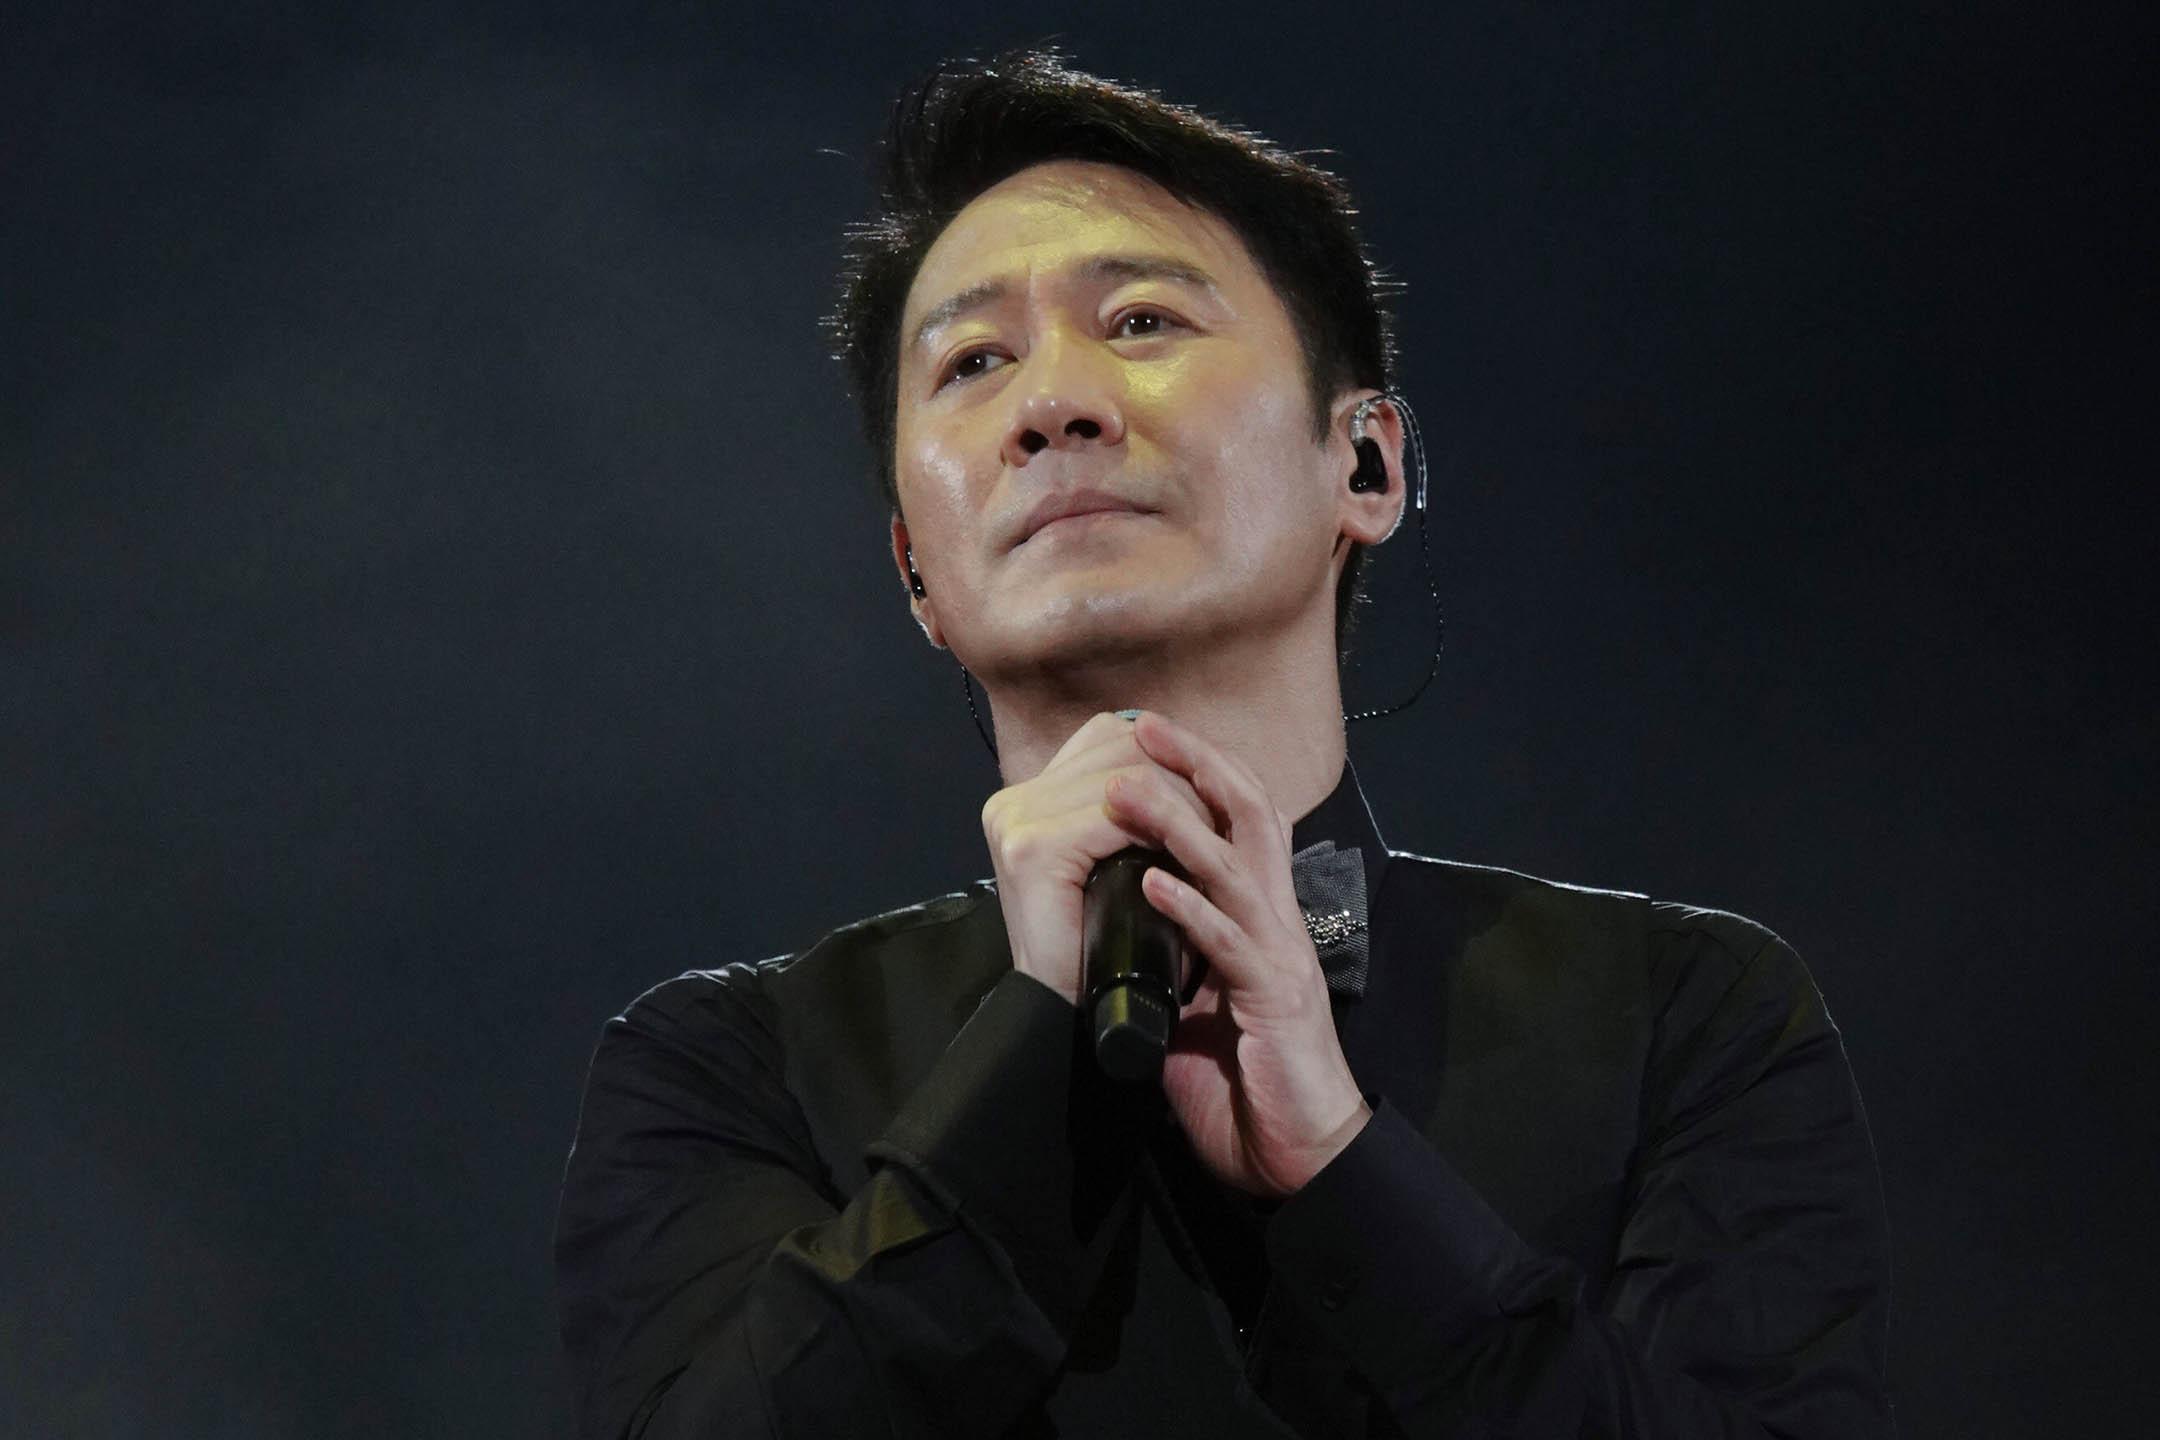 2021年7月10日香港,黎明在演唱會期間在舞台上表演。 圖:VCG/VCG via Getty Images